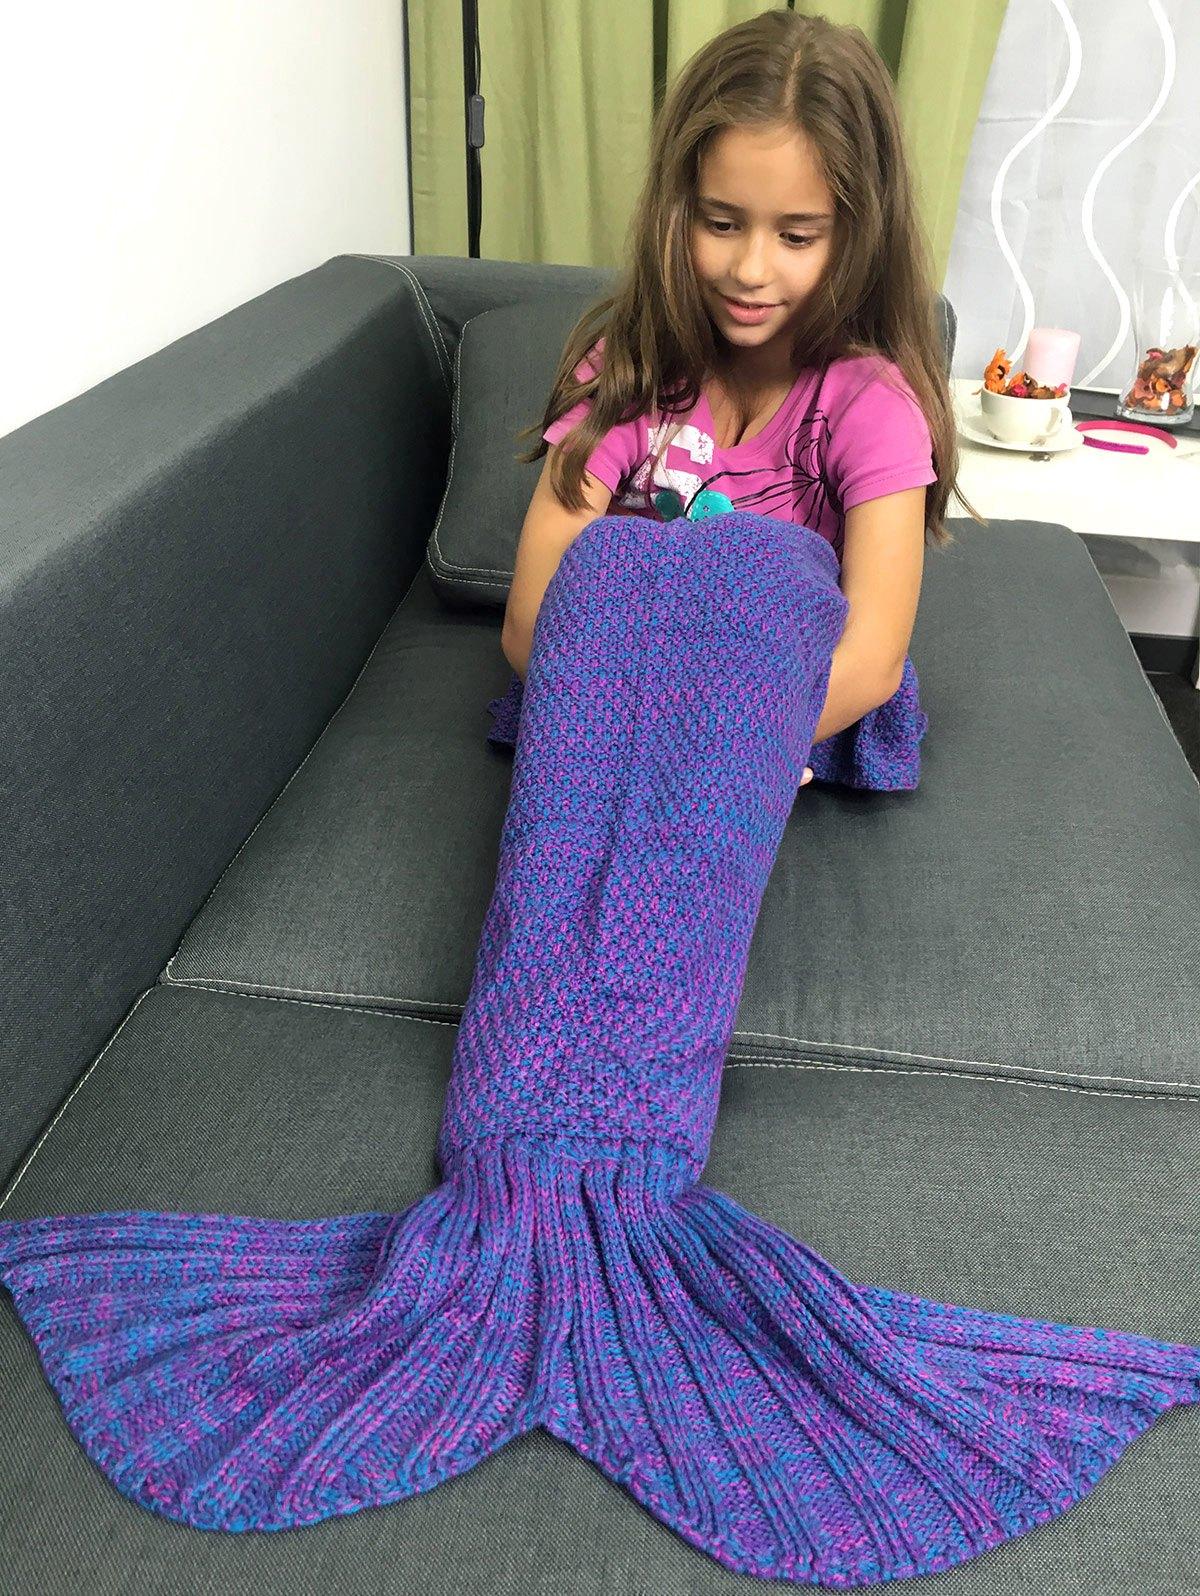 Yarn Knitted Sleeping Bags Mermaid Tail Shape Blanket